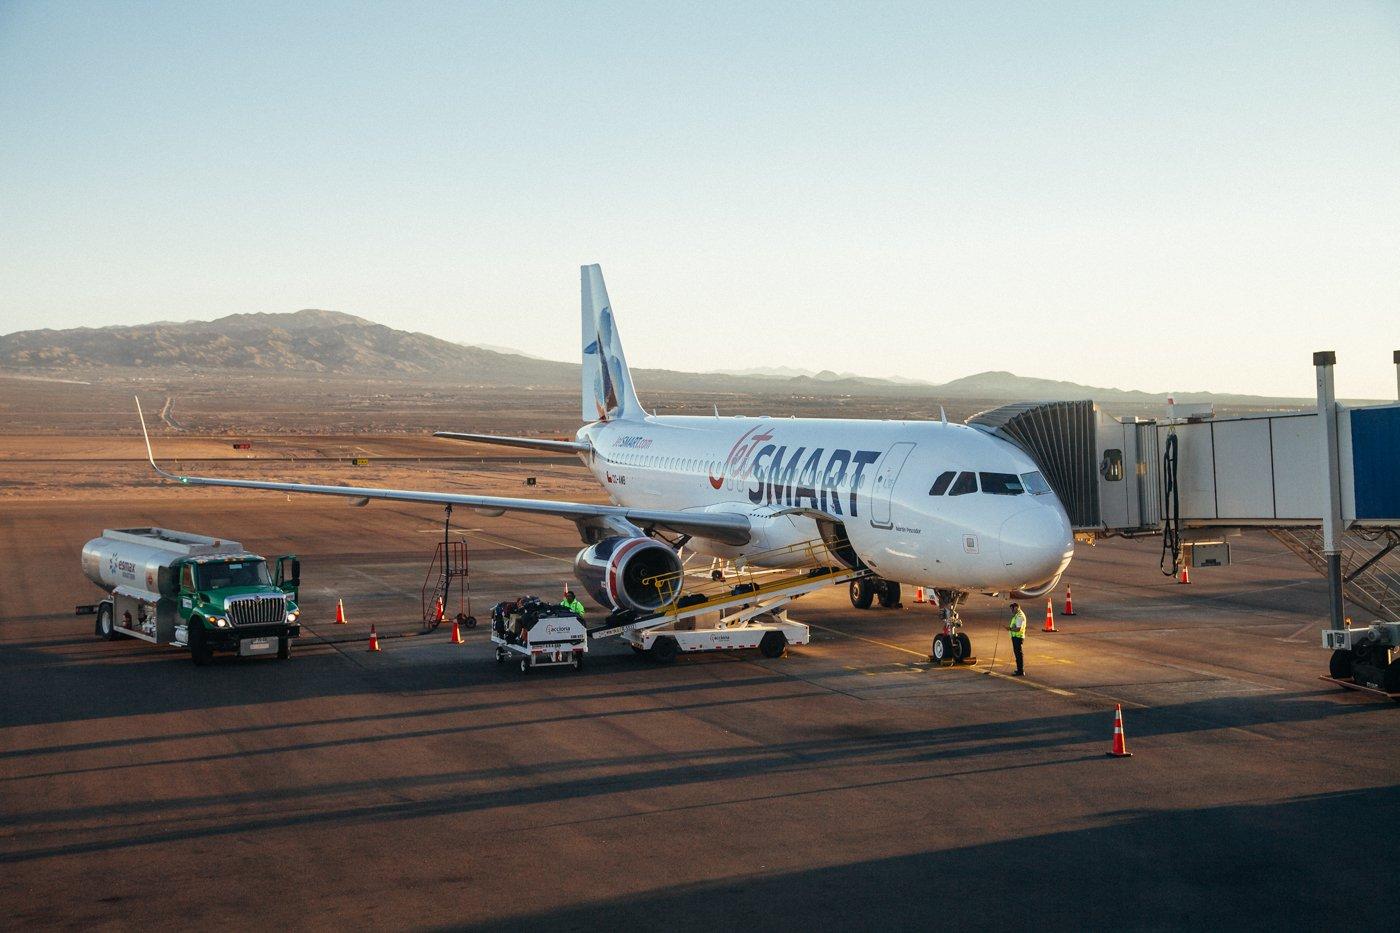 Aeroporto de Calama: o mais próximo de San Pedro de Atacama